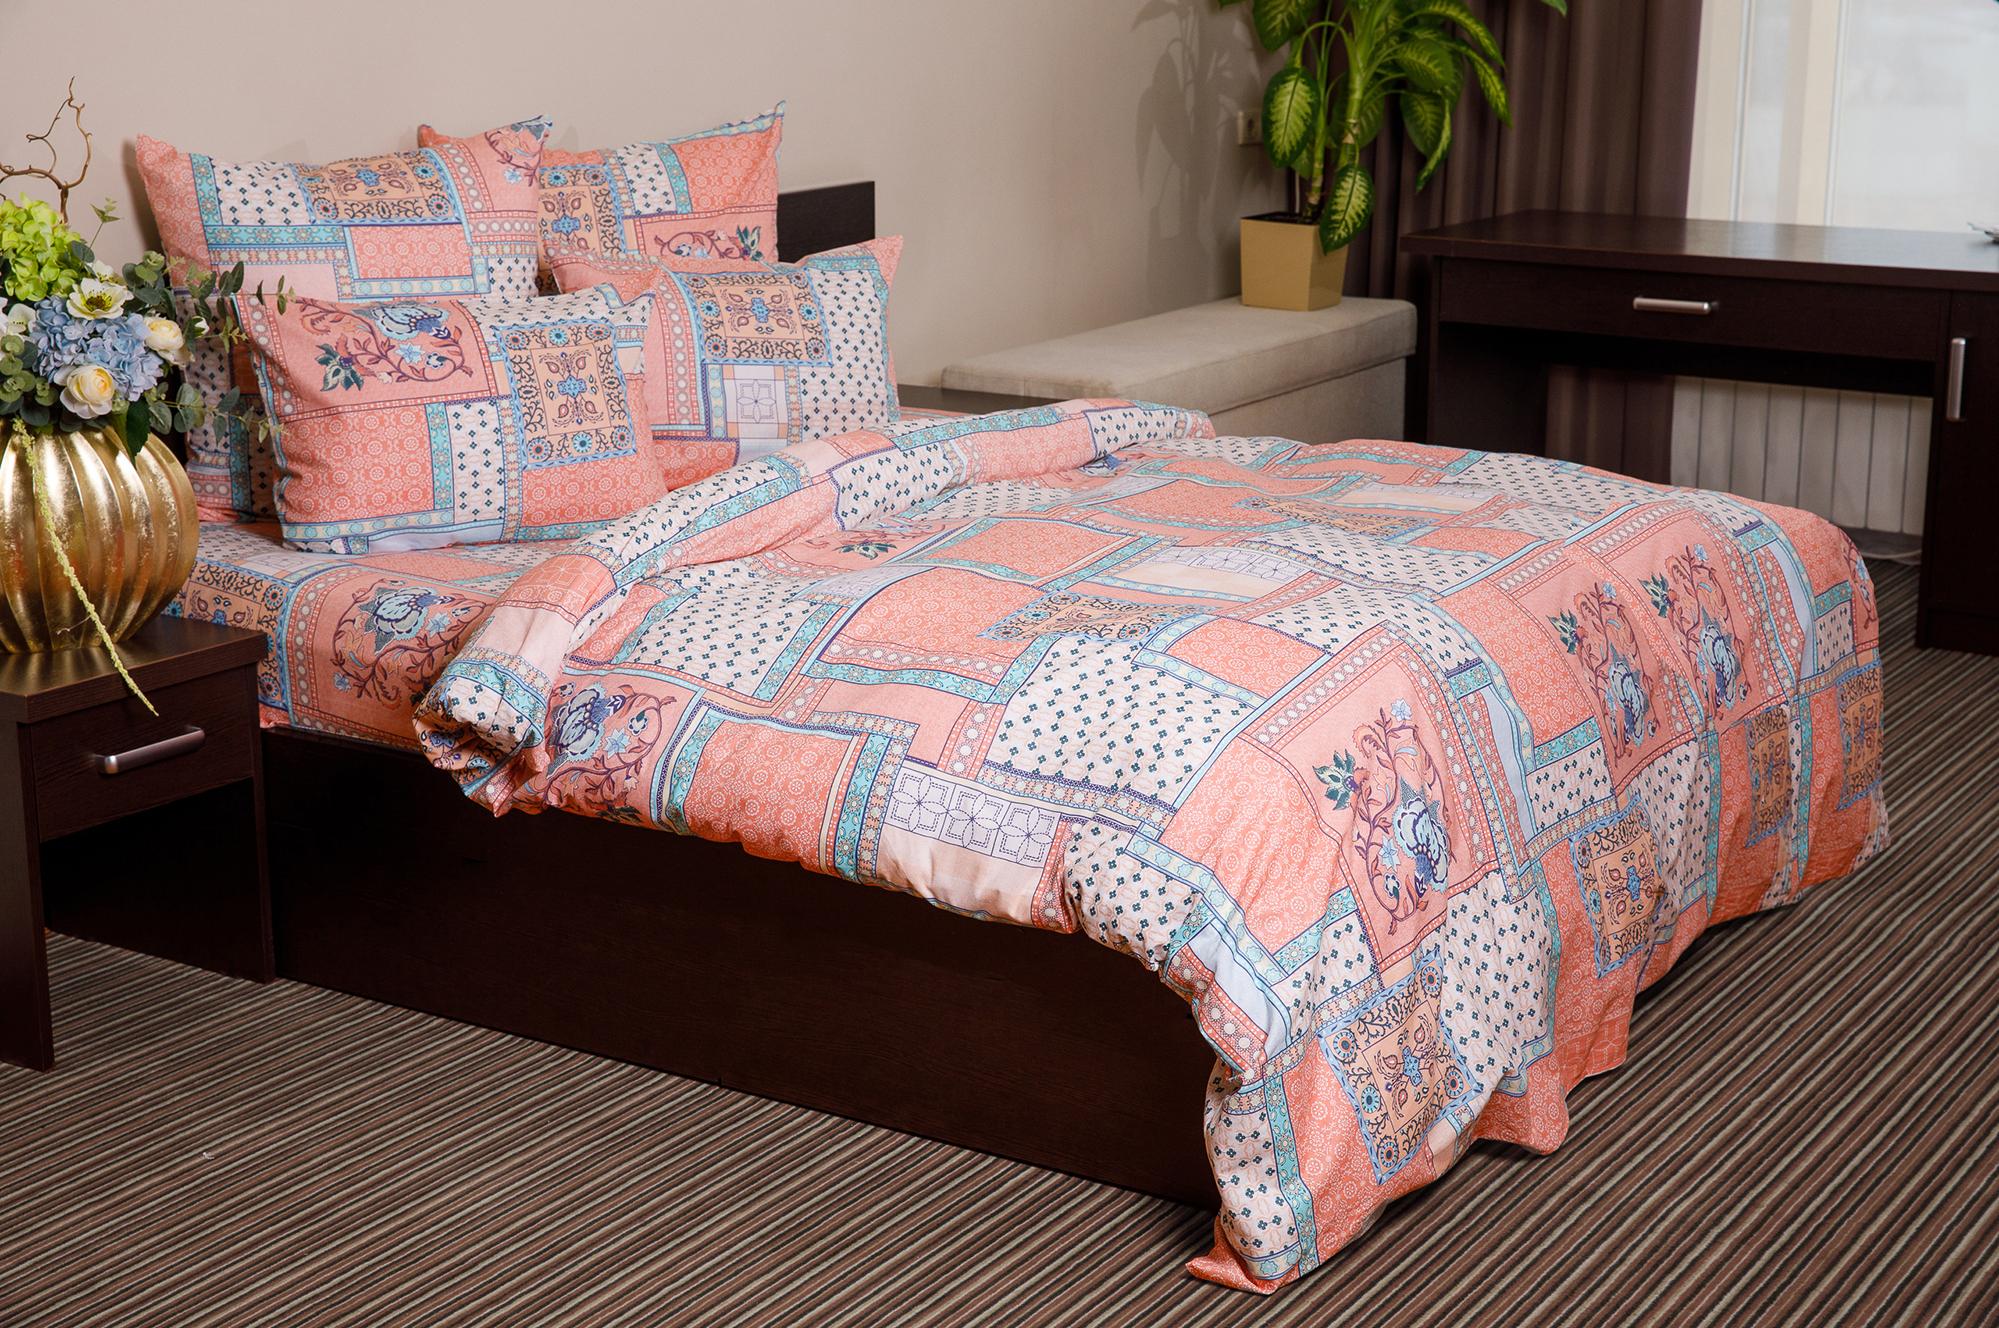 Комплект постельного белья Ночь нежна Alabama Цвет: Розовый (2 спальное евро)